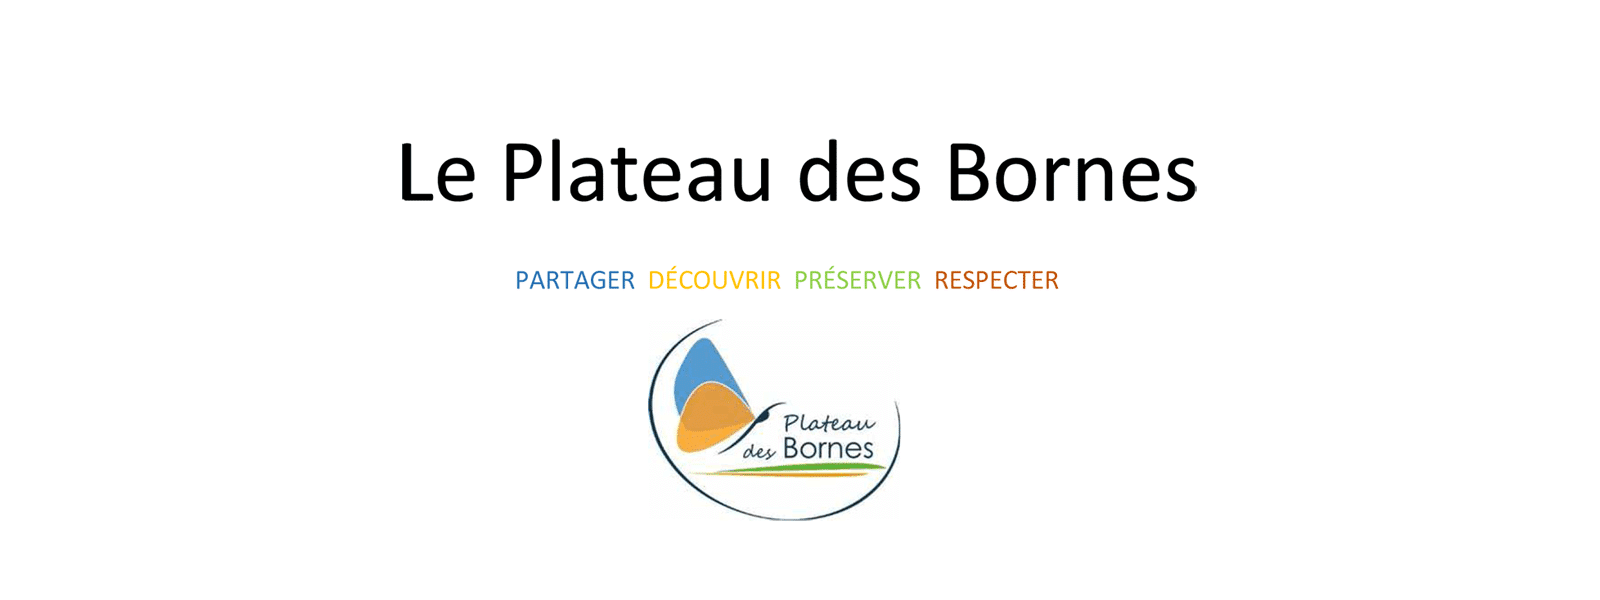 Logo du Plateau des Bornes